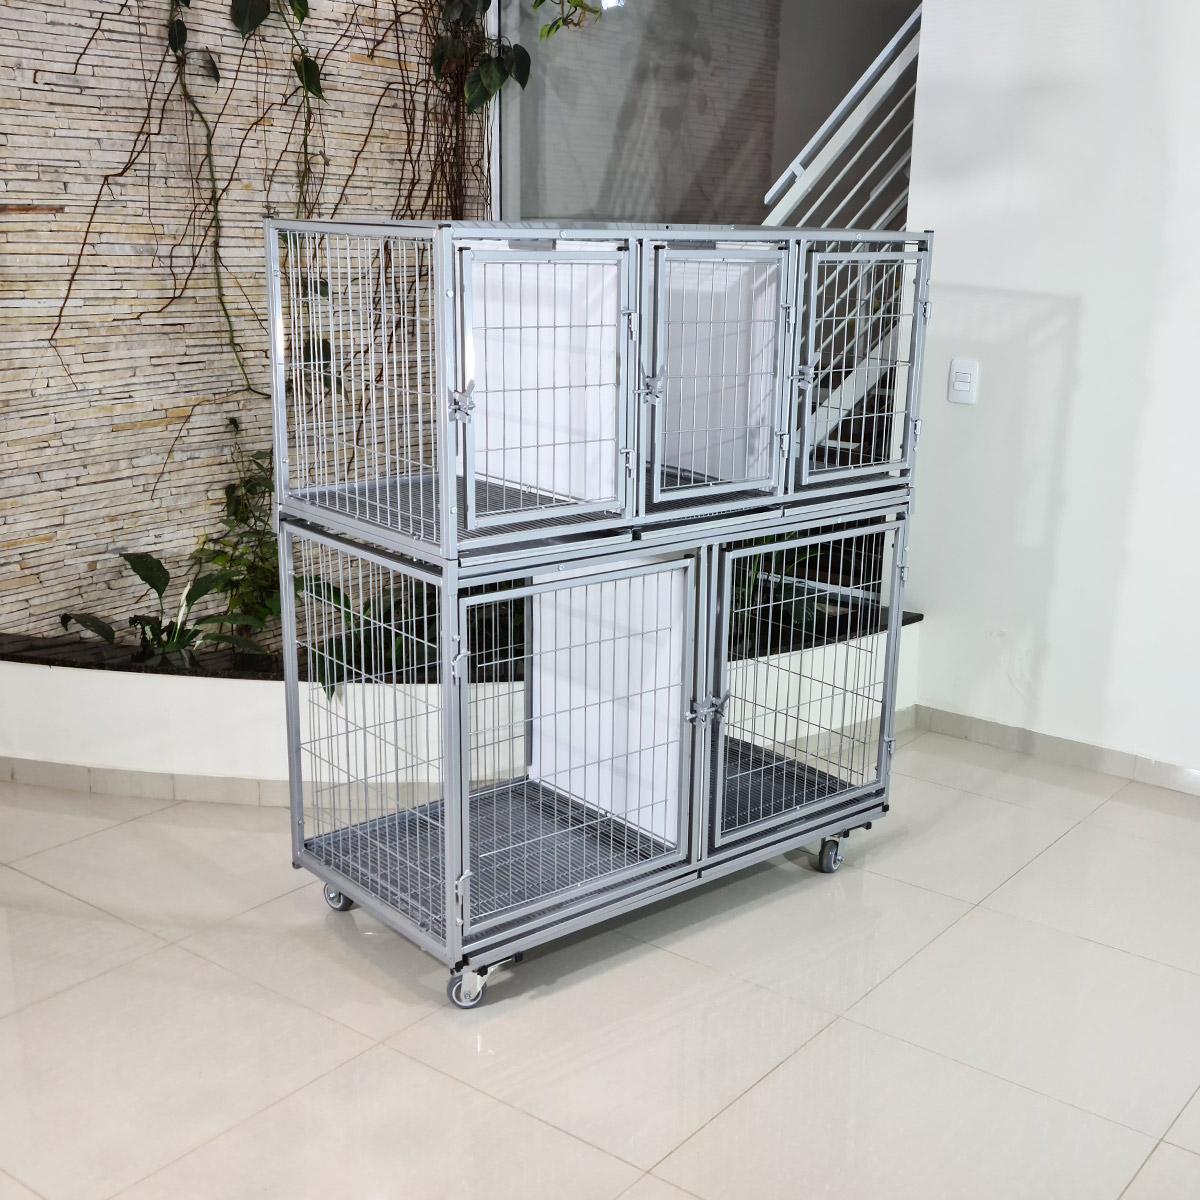 Gaiola CANIL GATIL cães gatos 5 lugares banho e tosa veterinária